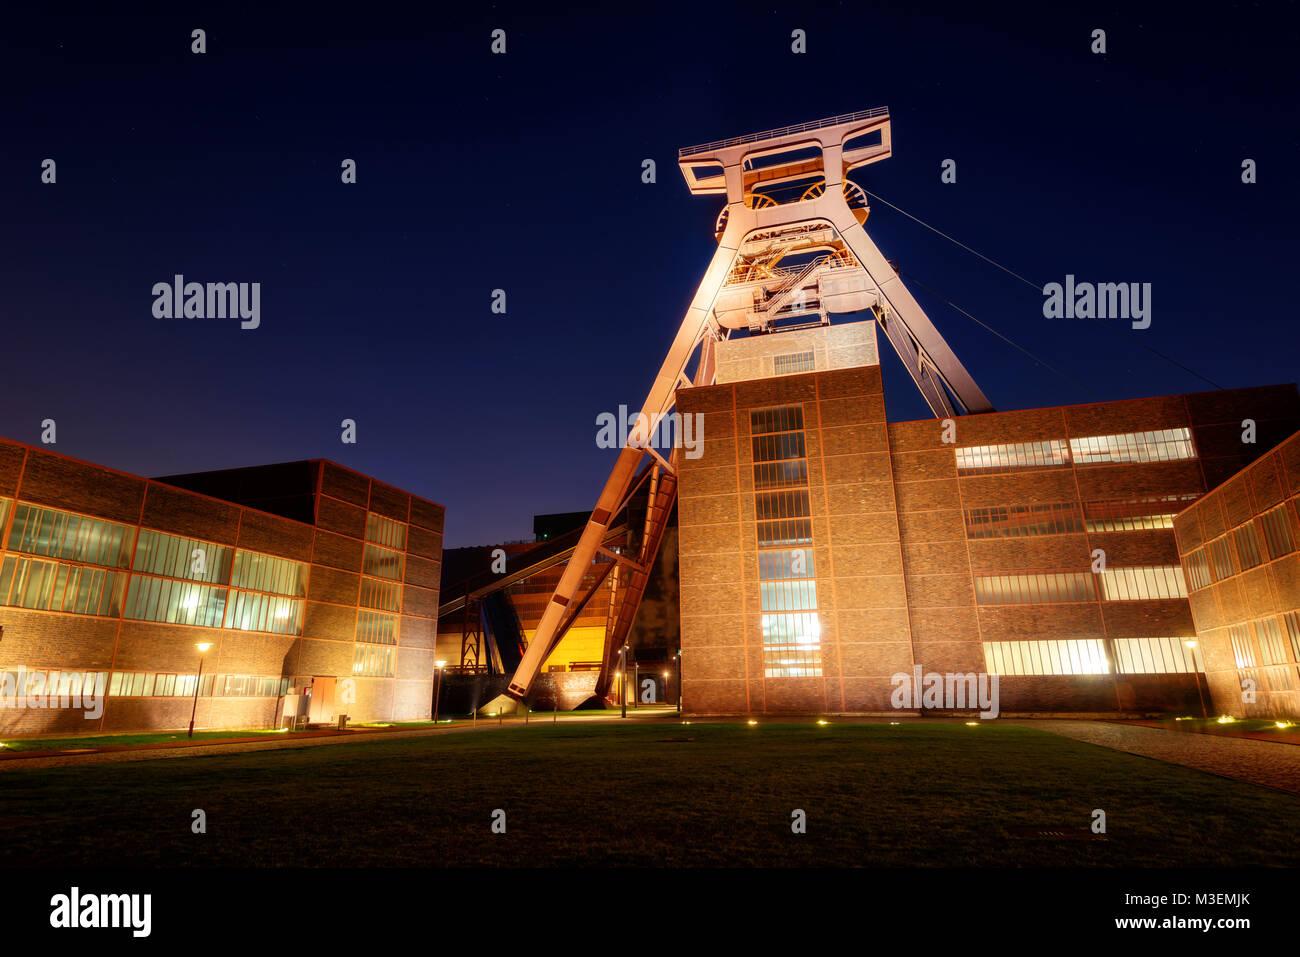 Essen Zeche Zollverein taken in 2016 - Stock Image